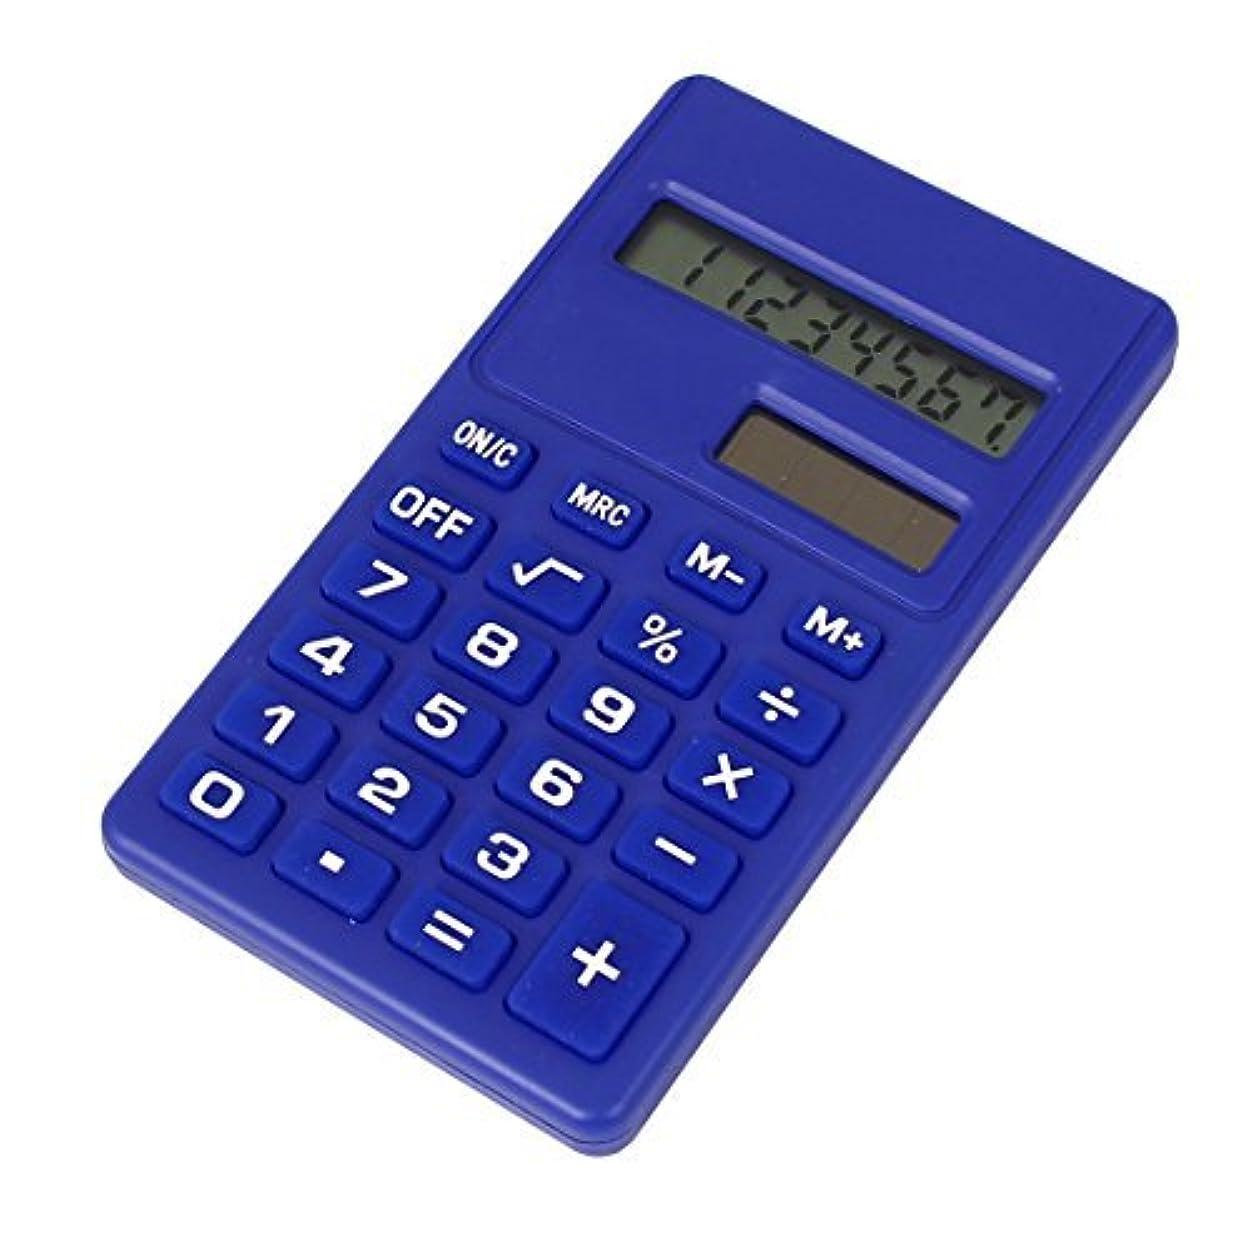 テクトニックトランスペアレントユーモアEbuyChX オフィス用液晶ディスプレイ 小型科学電卓 ブルー